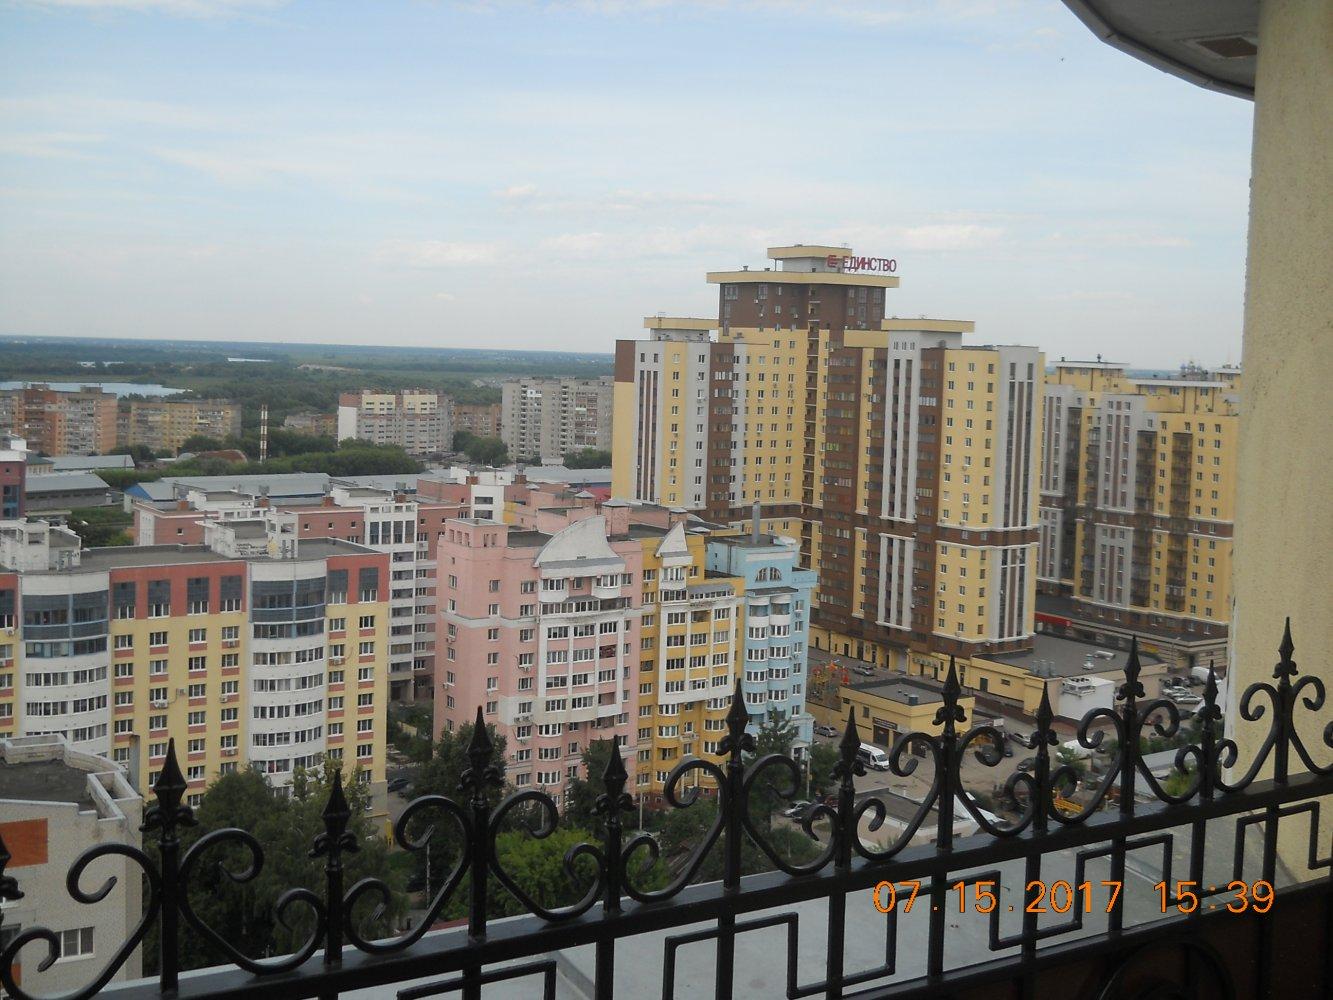 Фото DSCN7624.jpg. Россия, Рязанская область, Рязань го, Татарская улица, 50